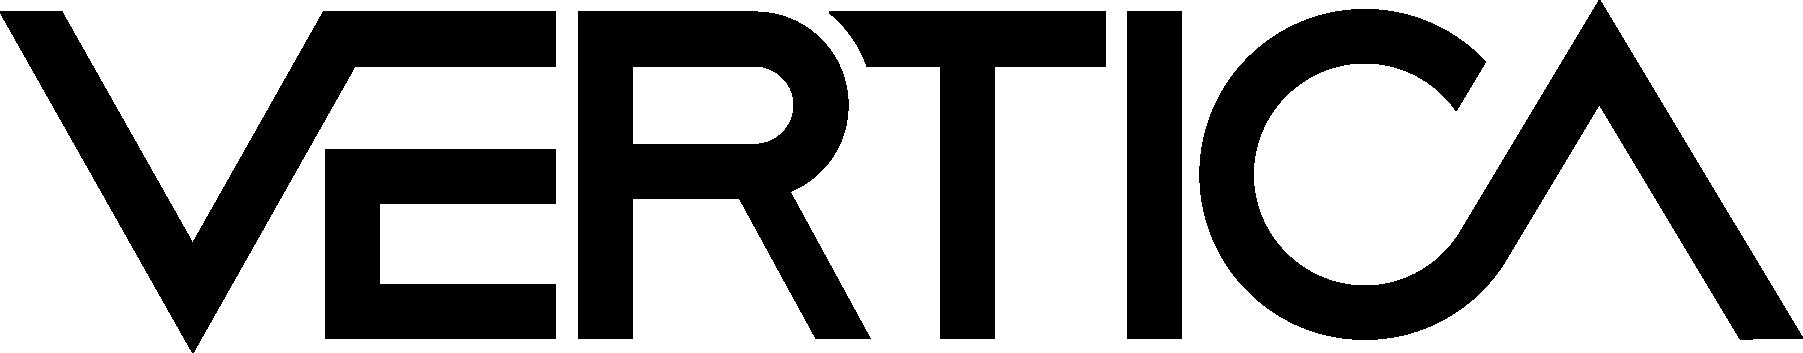 vertica_pos_blk_rgb